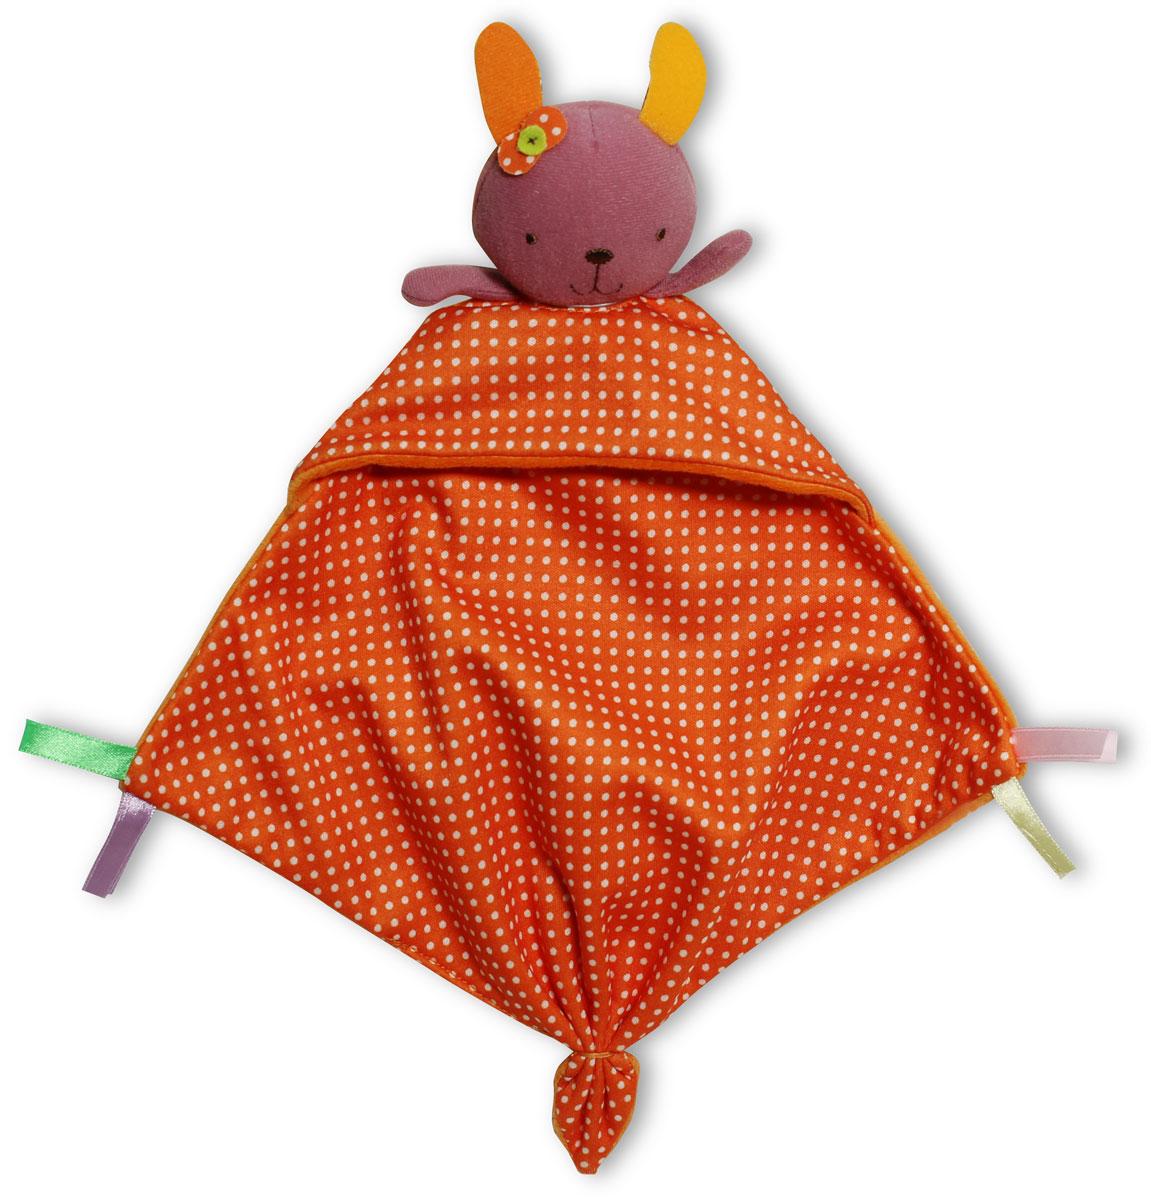 Bobby & Friends Игрушка-платочек Зайка ФанниТ57137_розовый/оранжевый в горошекИгрушка-платочек Bobby & Friends Зайка Фанни создана специально для самых маленьких. Игрушка-платочек, или комфортер - это специальная игрушка-салфетка, пропитанная запахом мамы. Игрушку в виде зверька кладут рядом с мамой во время кормления. Ткань пропитывается маминым запахом, и это помогает малышу чувствовать себя комфортно, когда маме приходится куда-то отлучаться. Малыш думает, что мама рядом и поэтому спокоен.